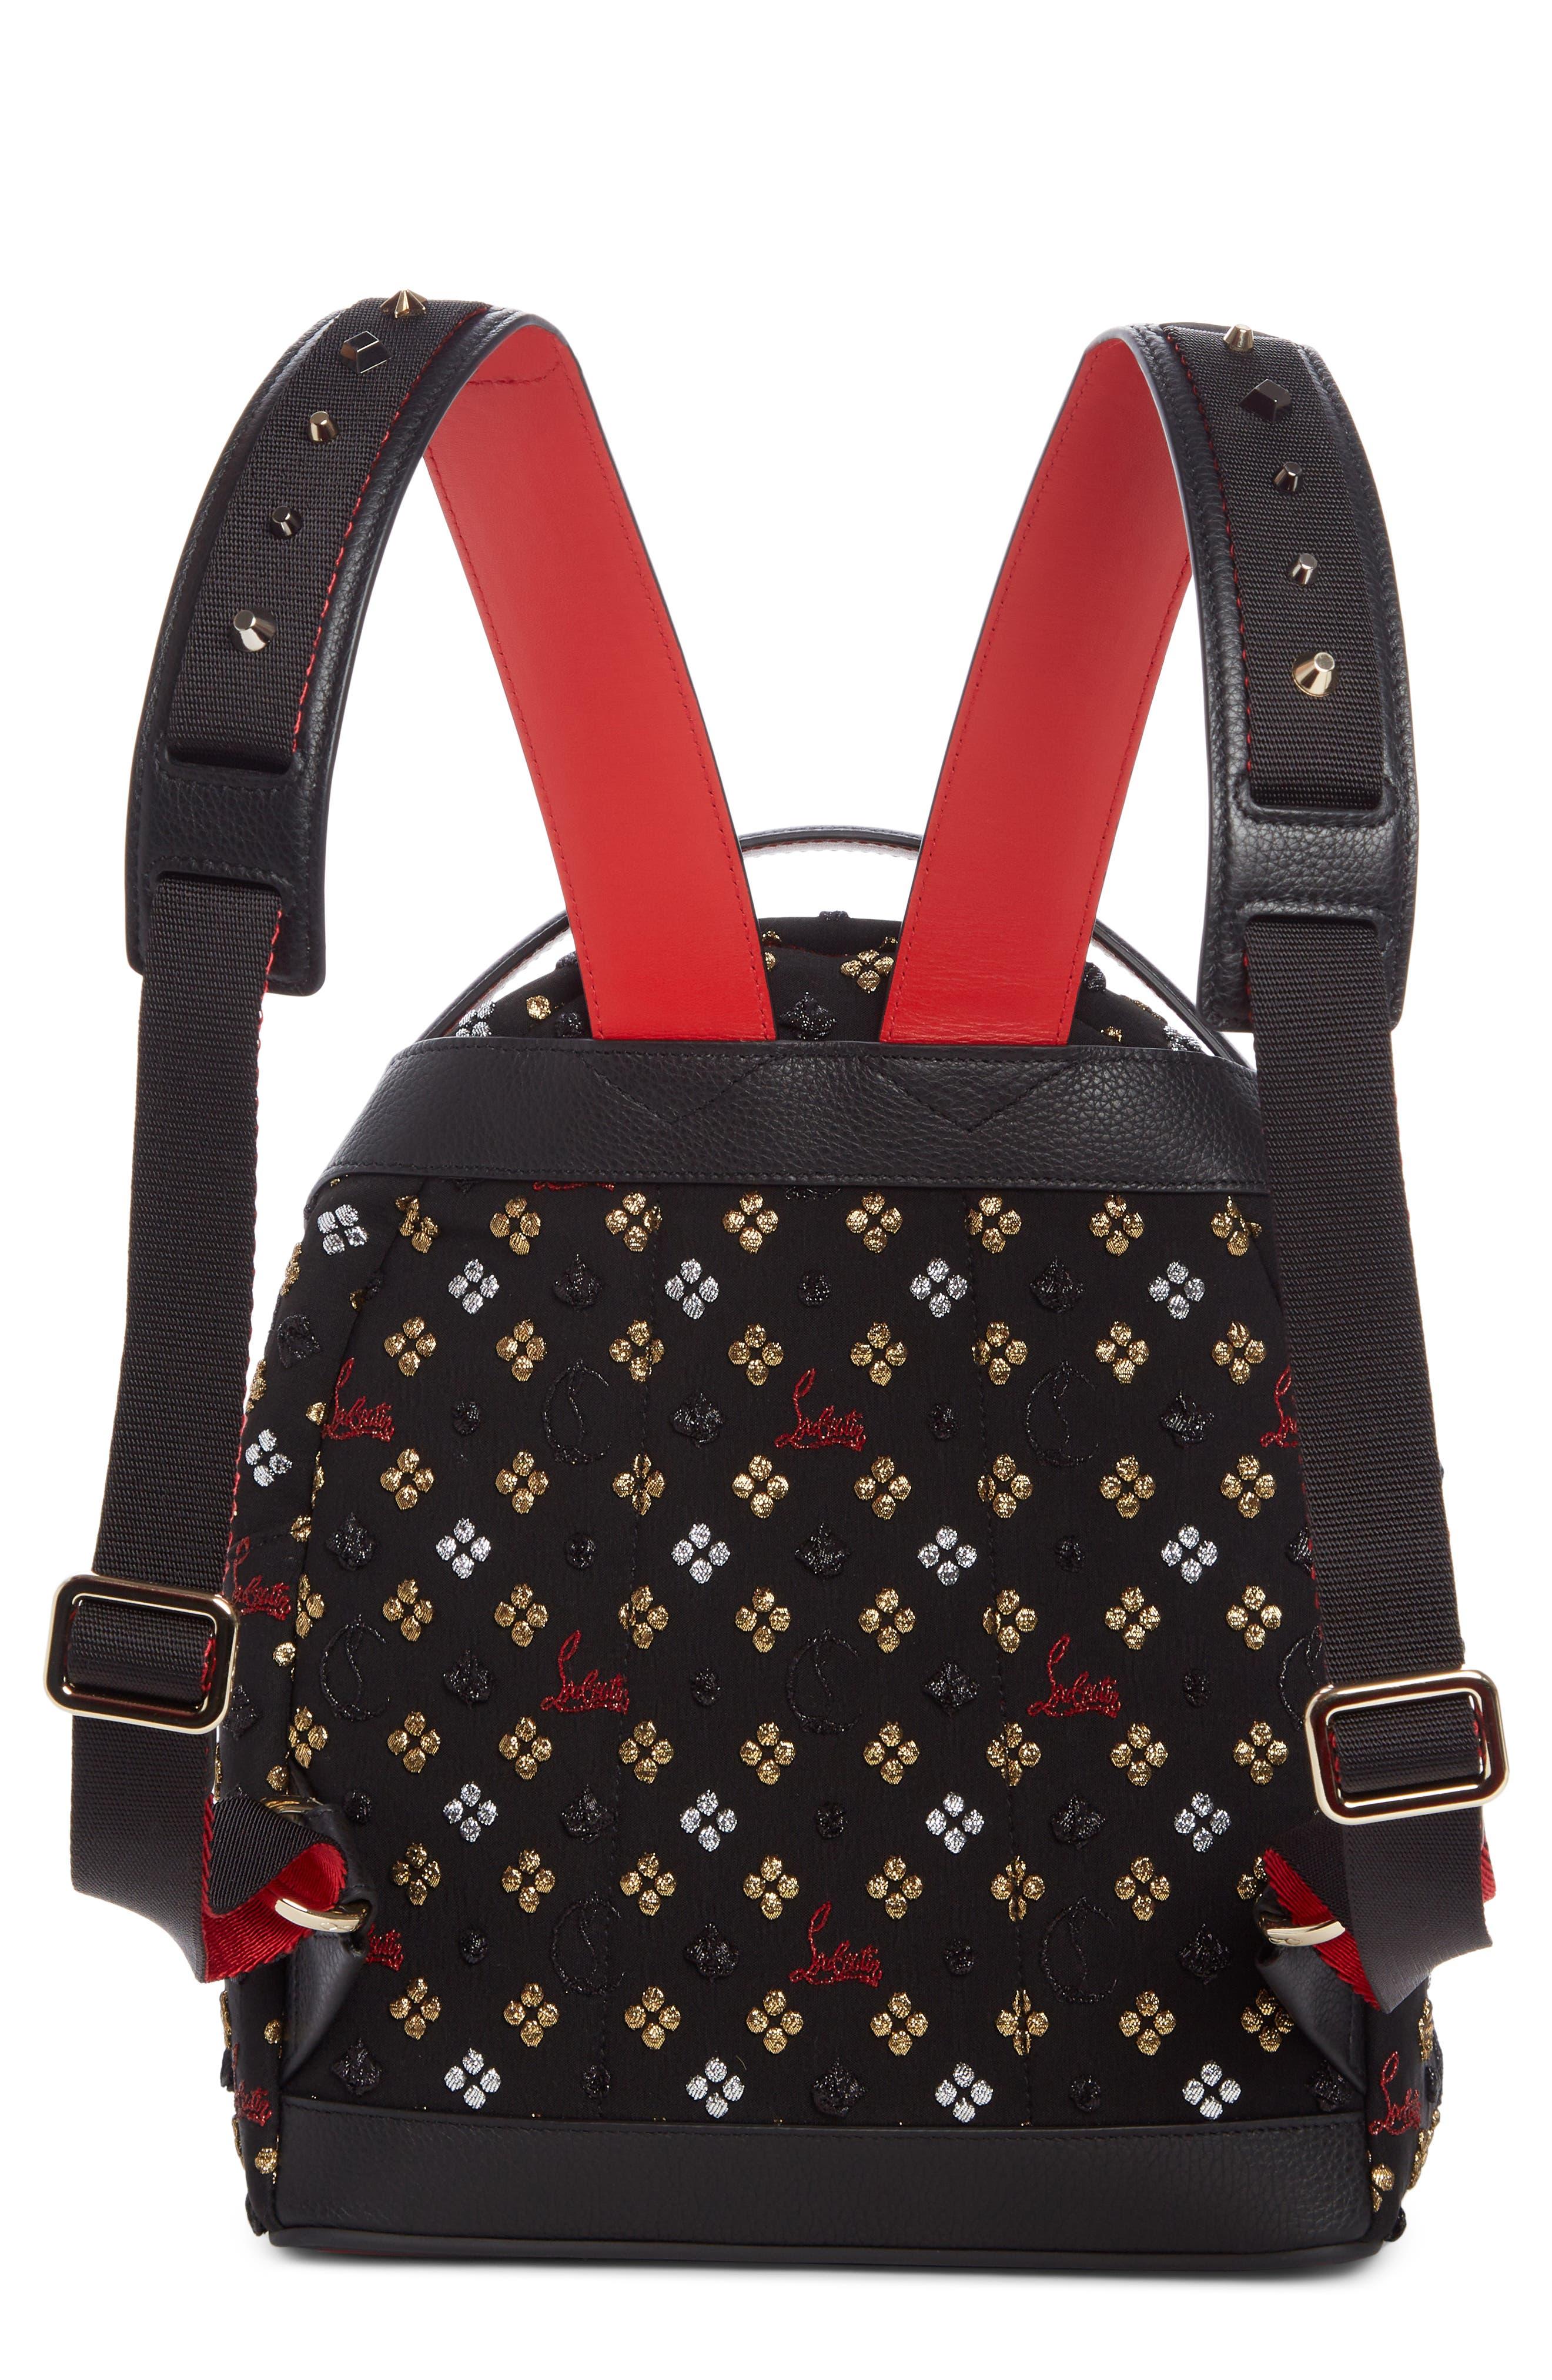 Small Backloubi Metallic Jacquard Backpack,                             Alternate thumbnail 2, color,                             BLACK MULTI